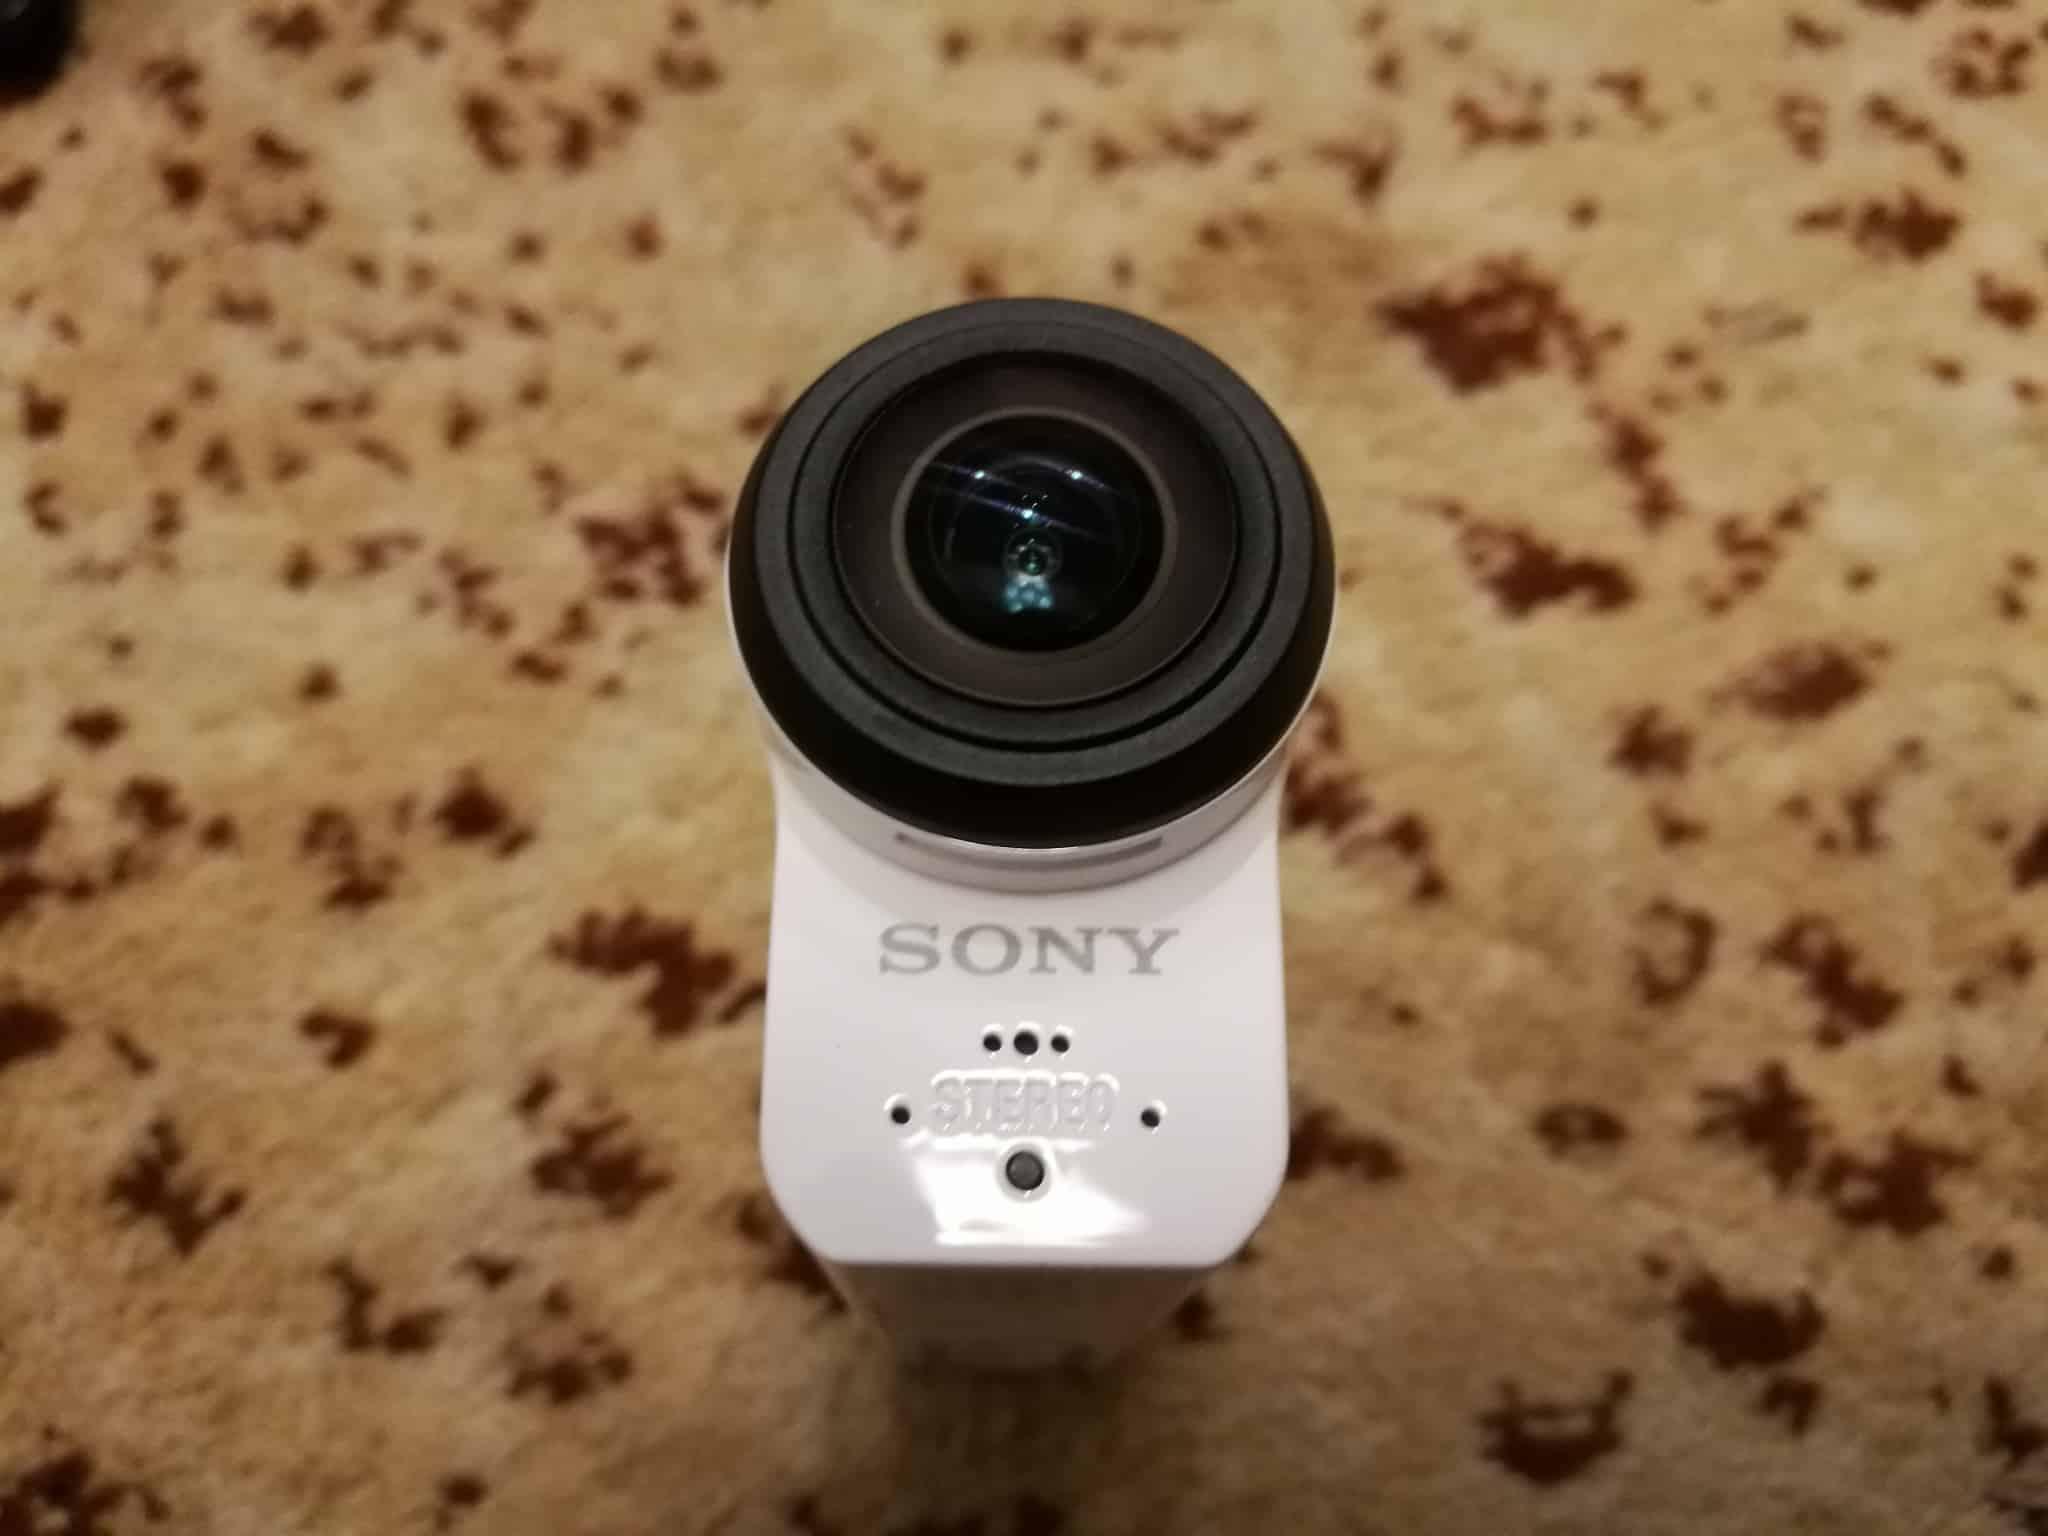 Объектив Sony HDR-AS300